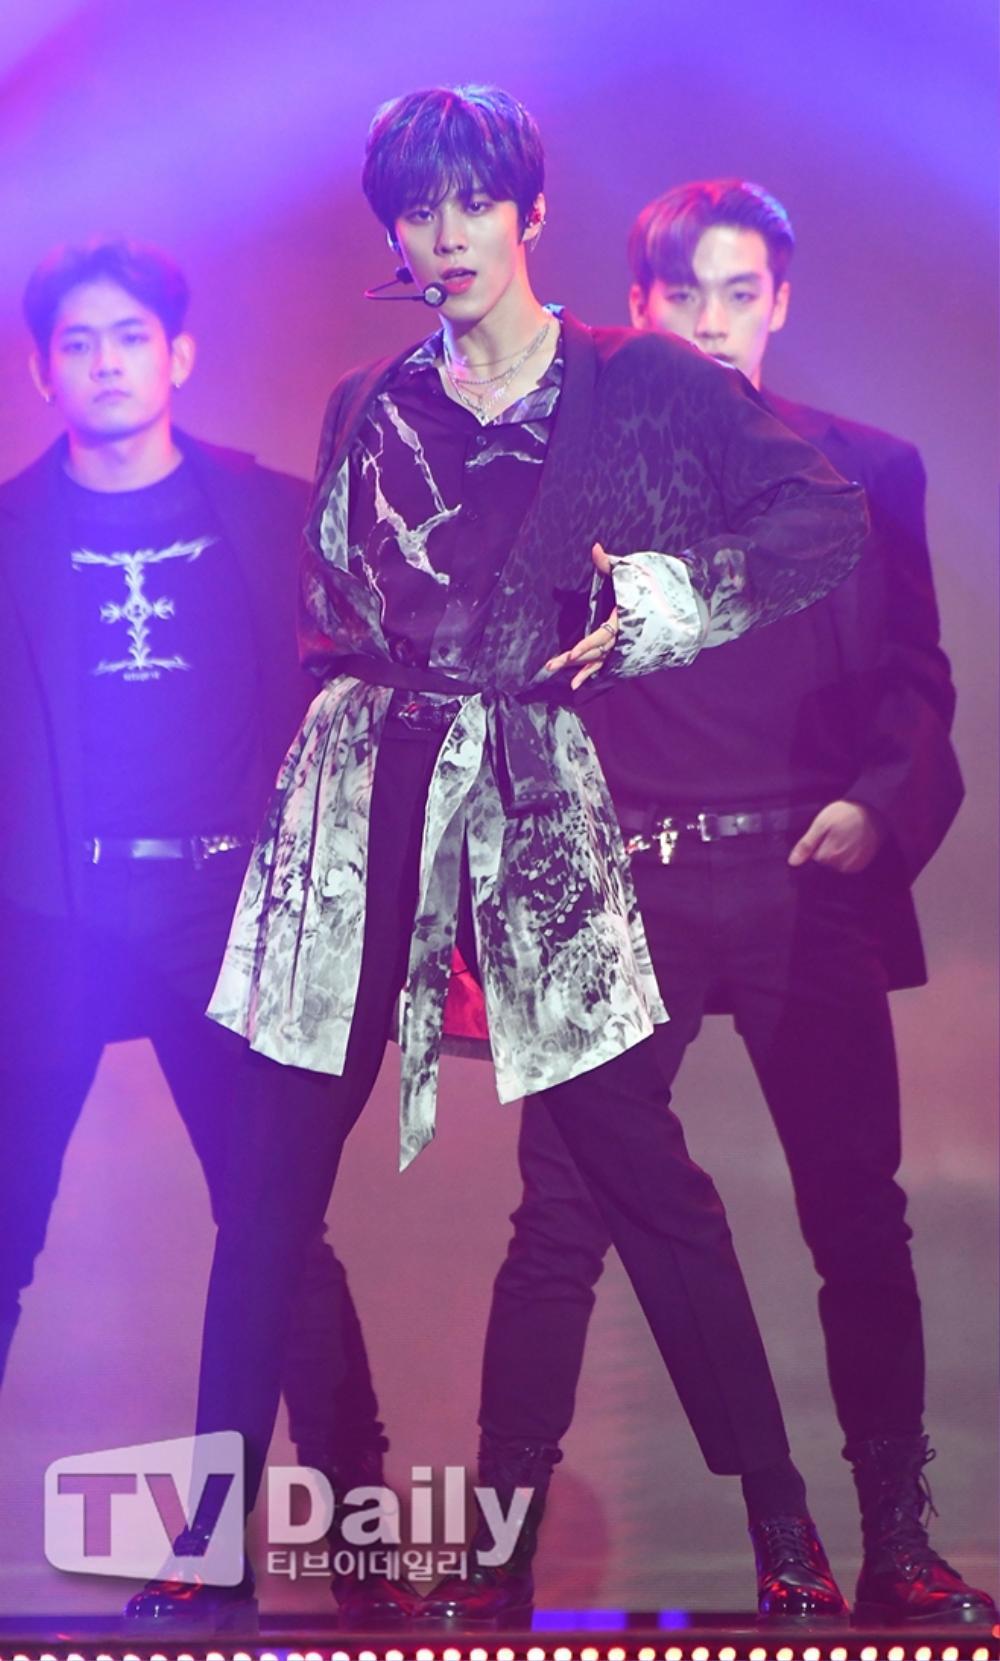 Thành viên Wanna One và X1 đoàn tụ sau khi tan rã: Mỗi người mỗi ngã nhưng cùng trở về một sân khấu! Ảnh 18